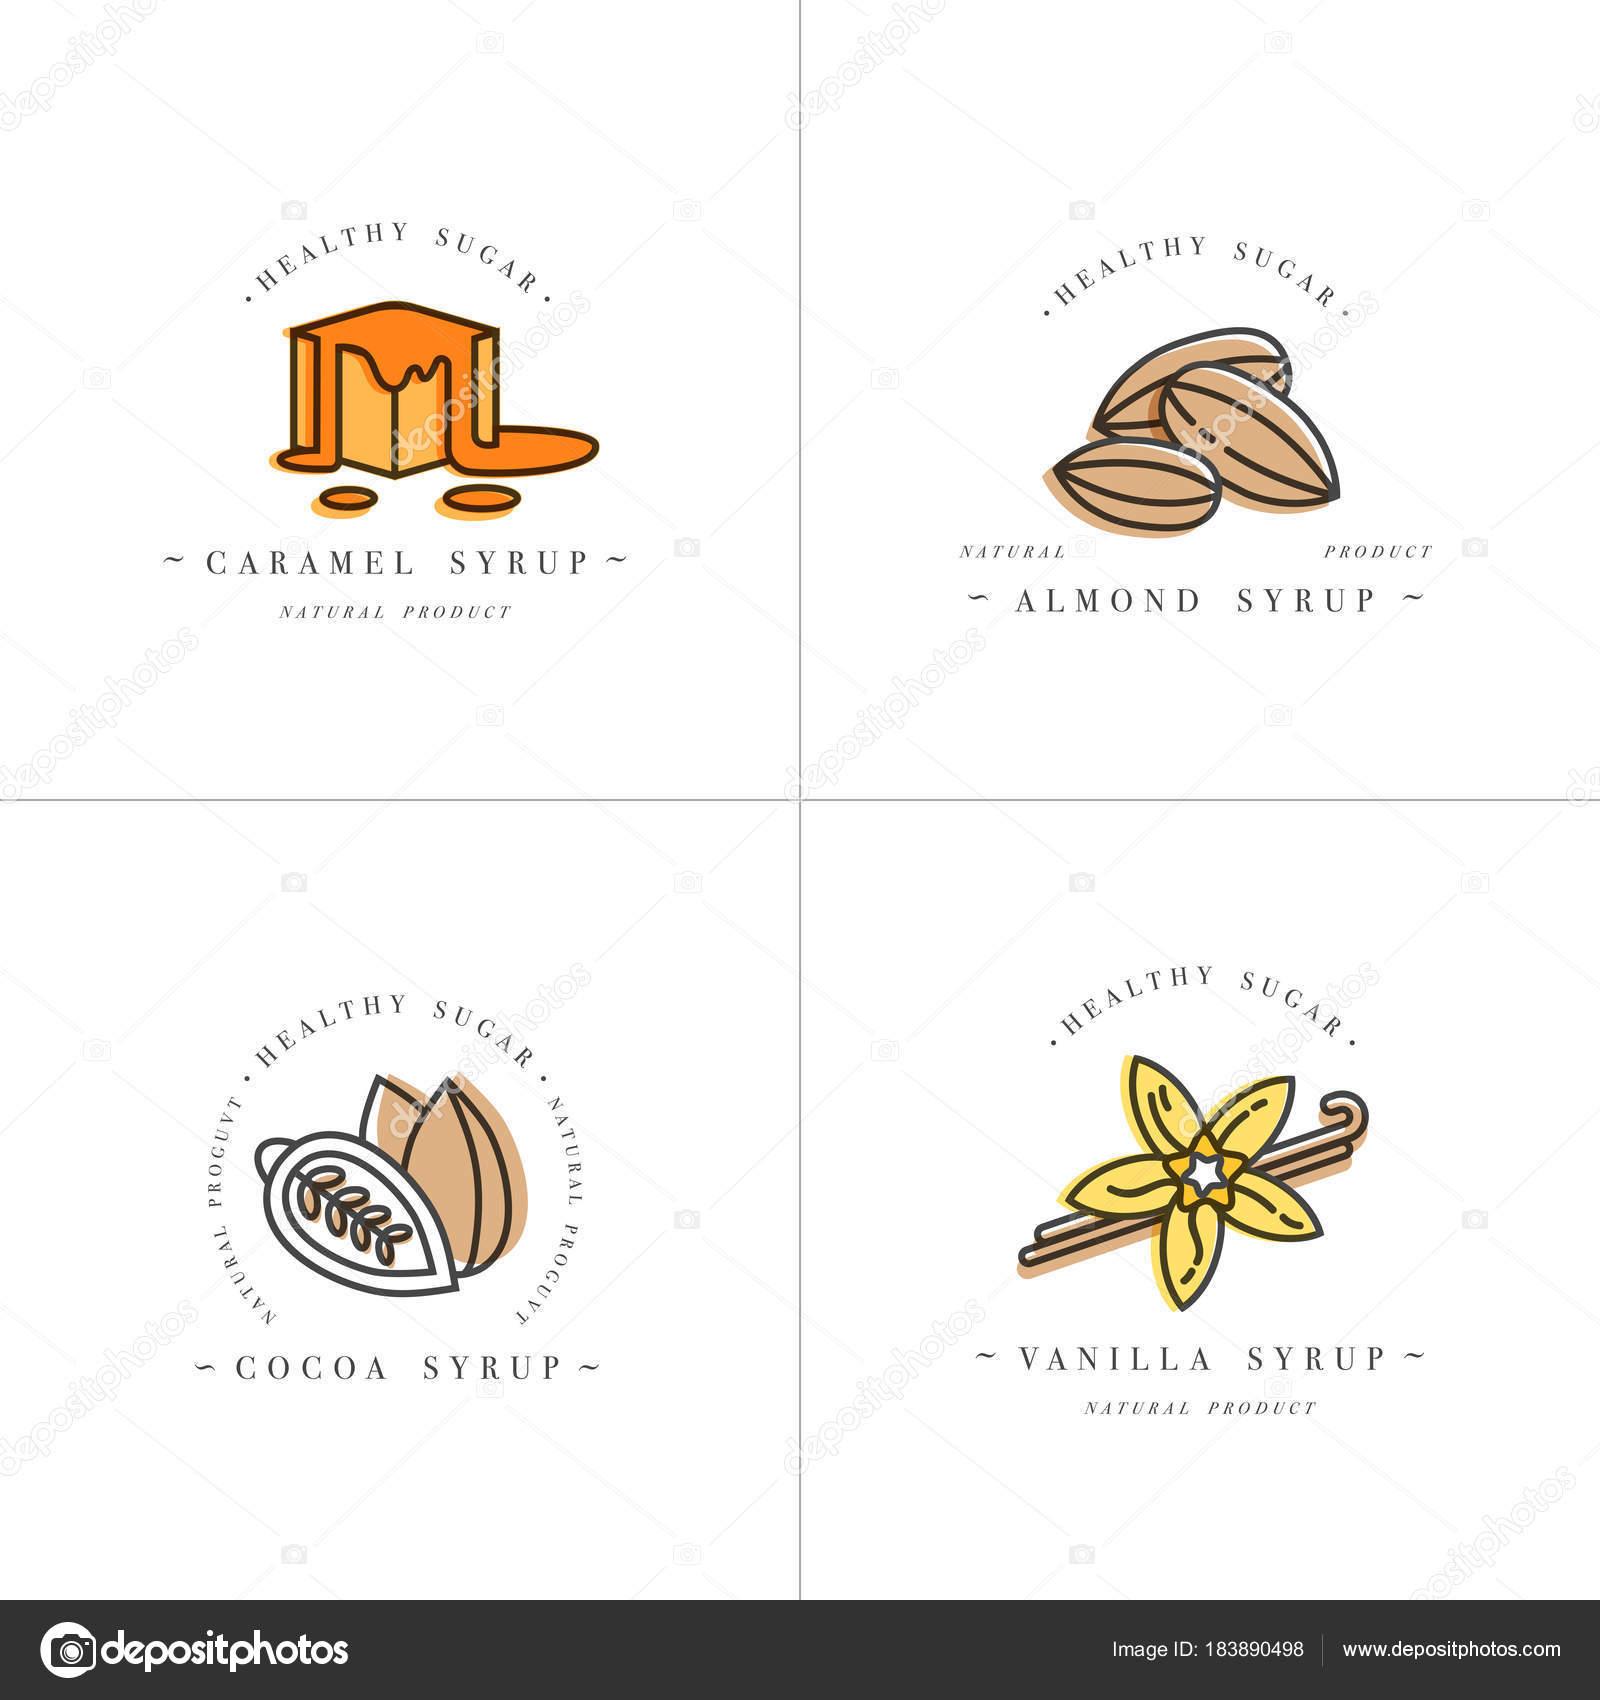 Vektor setzen bunte Vorlagen Logo Design und Embleme - Sirupe und ...